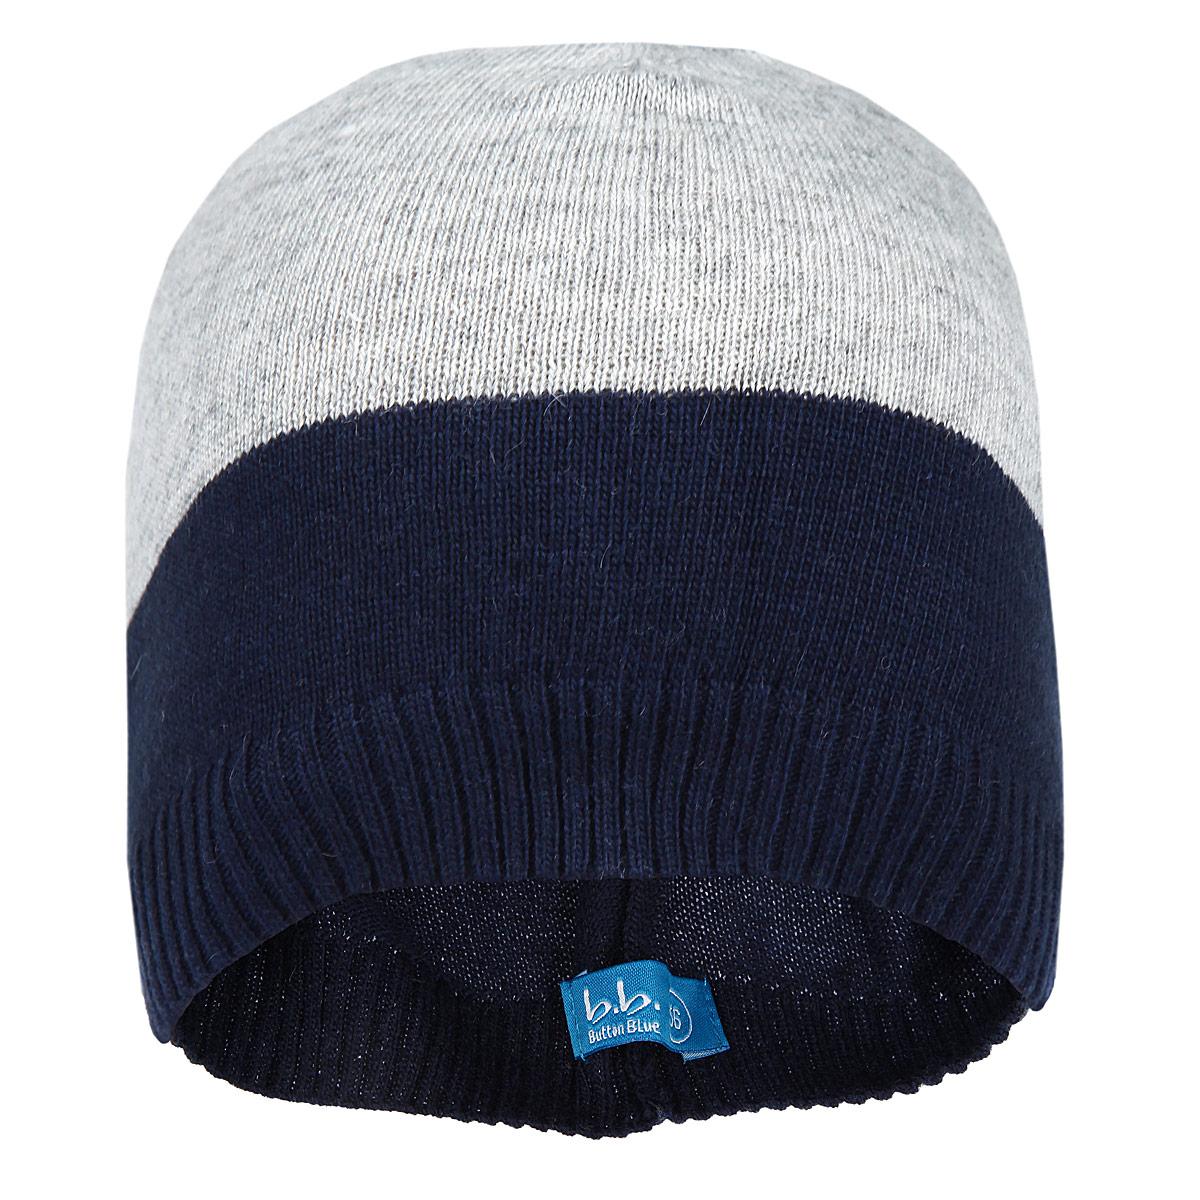 Шапка215BBBB7303Тонкая вязаная шапка для мальчика Button Blue идеально подойдет для прогулок в прохладное время года. Изготовленная из сложного состава пряжи, она обладает хорошими дышащими свойствами и хорошо удерживает тепло. Шапка оформлена цветными вязаными полосками. Понизу проходит широкая вязаная резинка. Такая шапка станет модным и стильным предметом детского гардероба. Уважаемые клиенты! Размер, доступный для заказа, является обхватом головы ребенка.